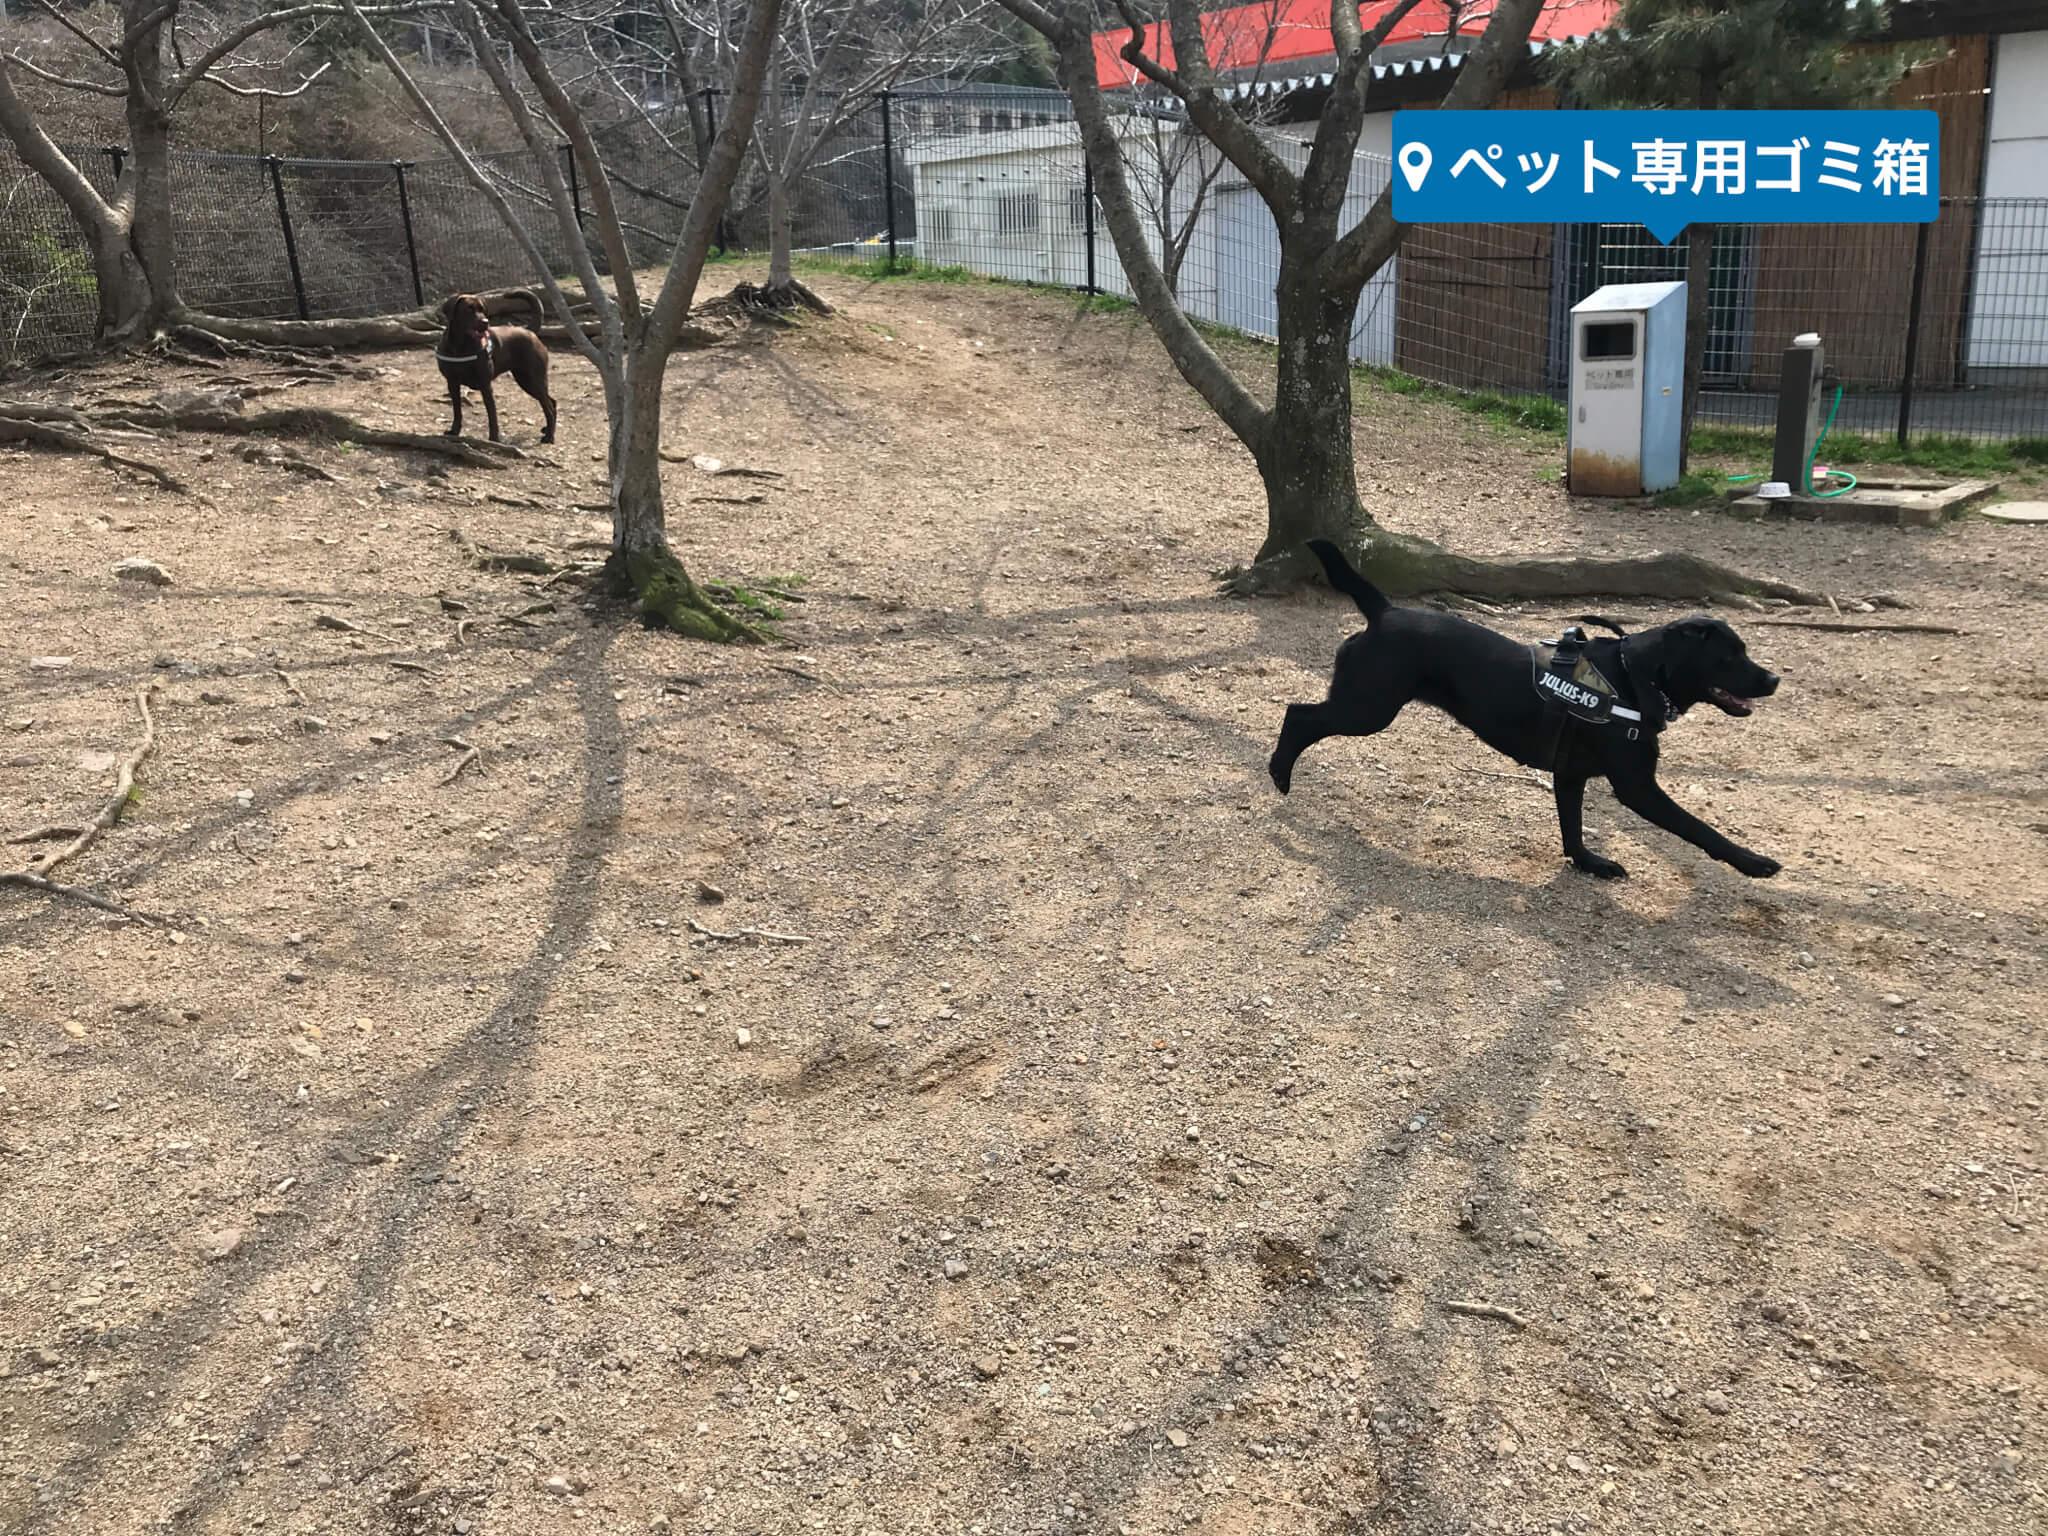 岸和田サービスエリアドッグラン(上がり)ドッグラン ラブラドールレトリーバー